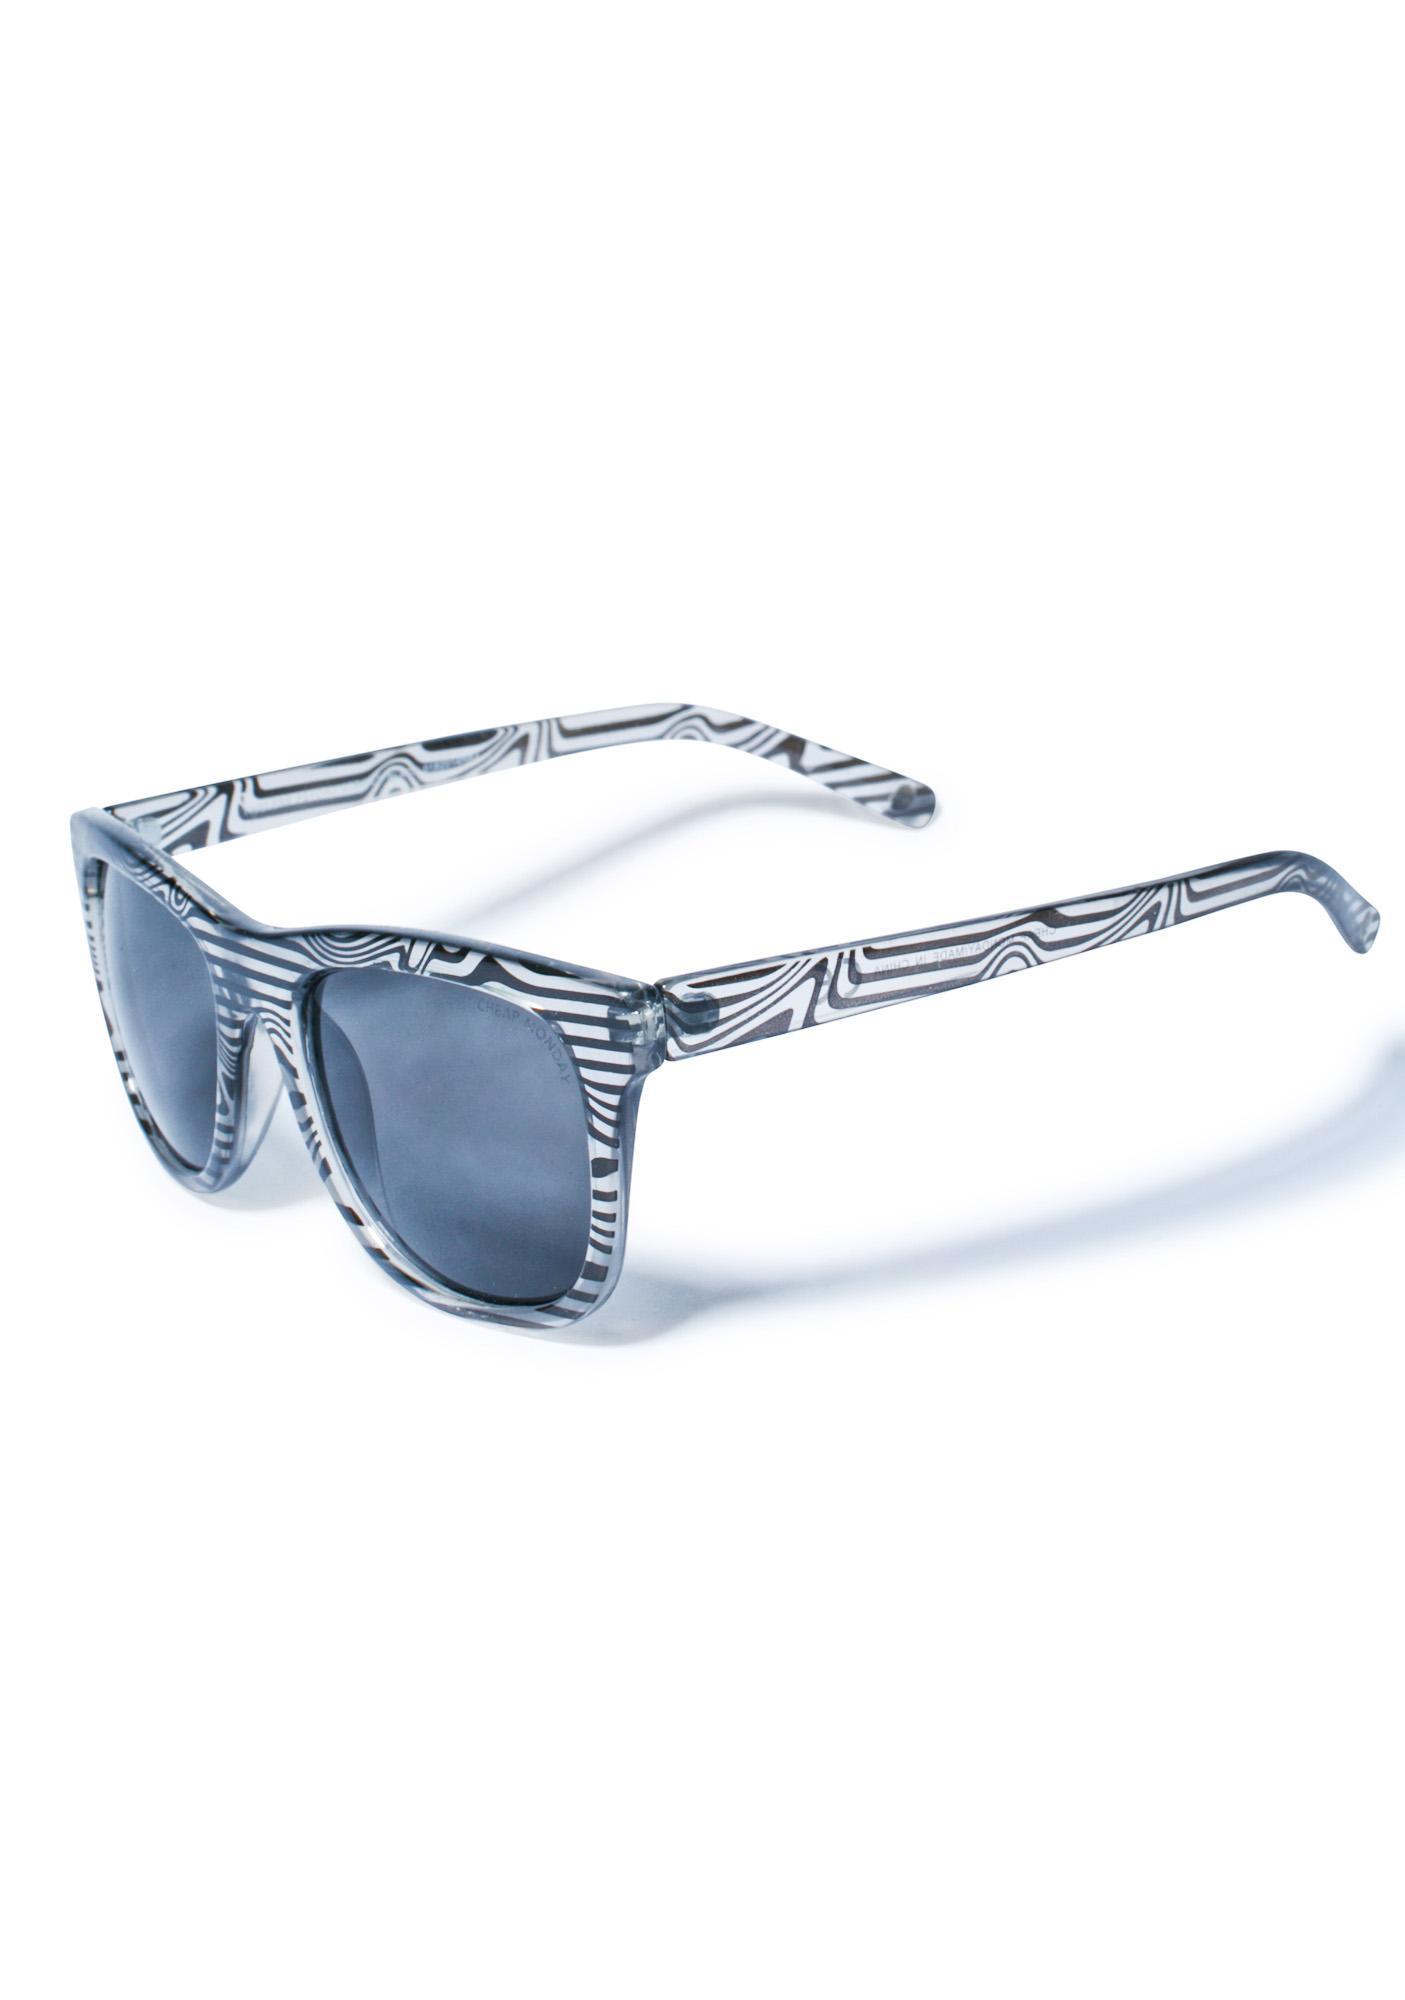 3de9d157eb2 Buy Cheap Monday Glasses Online. Cheap Monday Automatism Flat-Top Sunglasses  ...